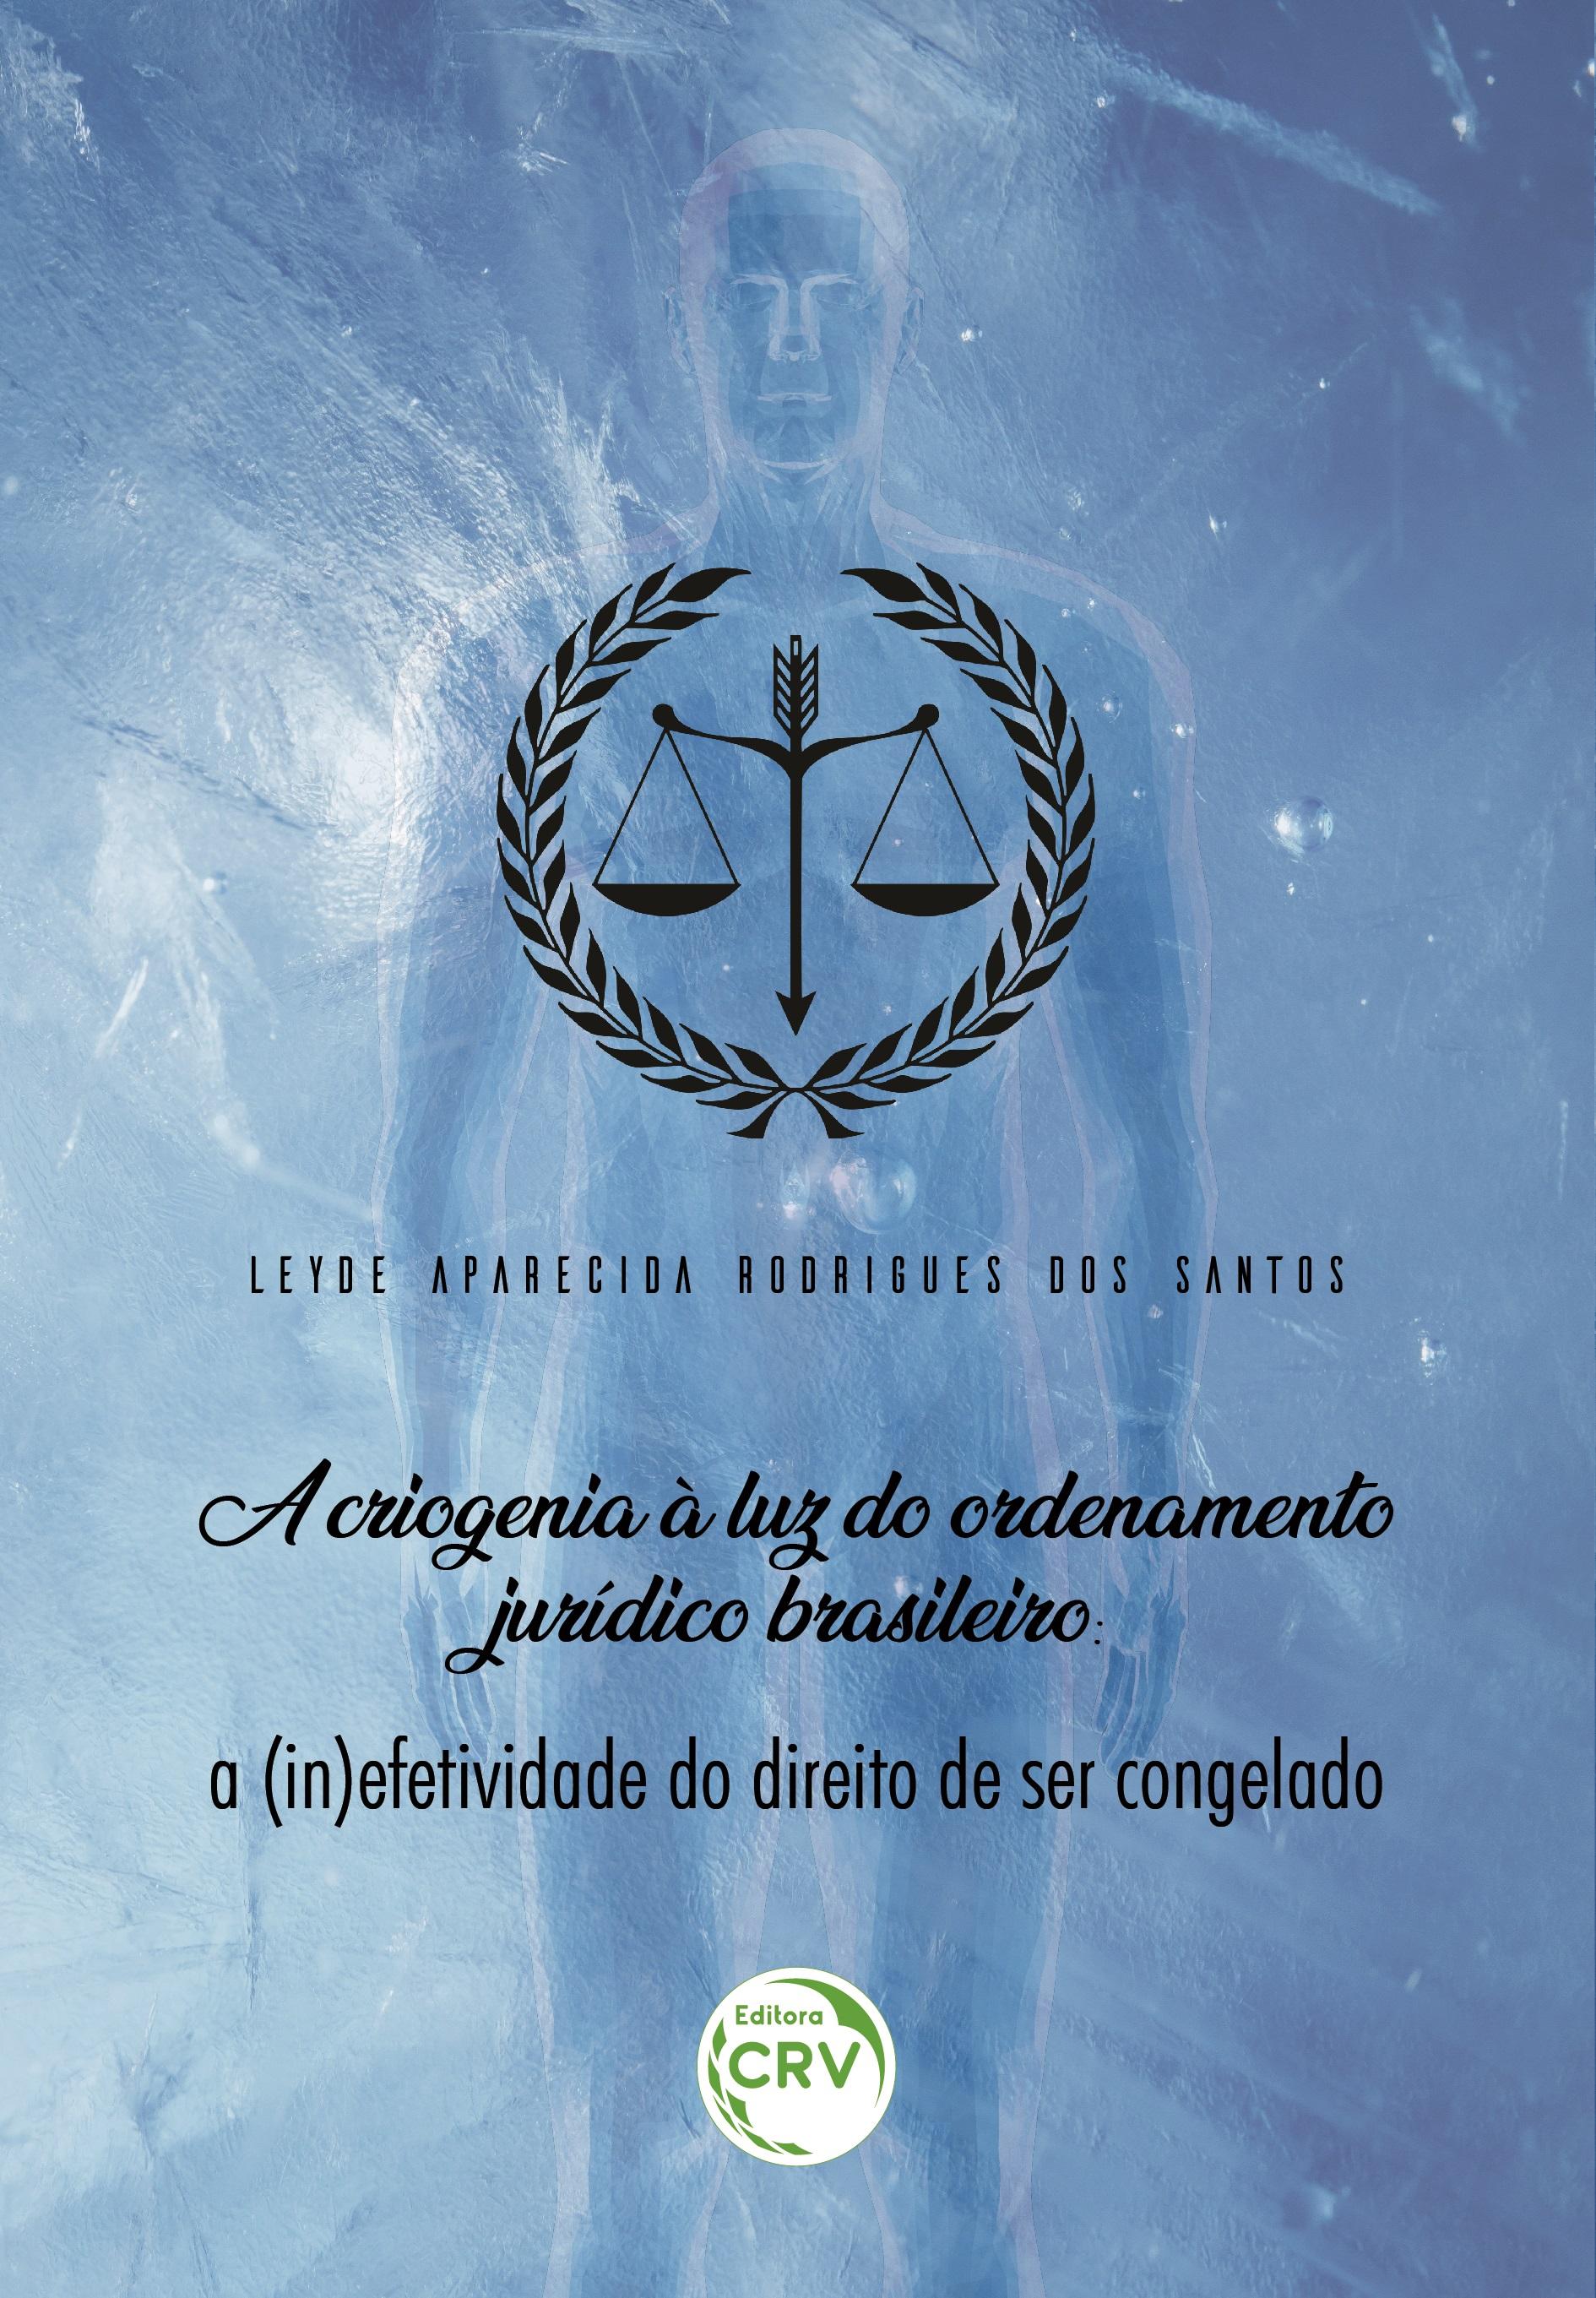 Capa do livro: A CRIOGENIA À LUZ DO ORDENAMENTO JURÍDICO BRASILEIRO:<br> a (in)efetividade do direito de ser congelado